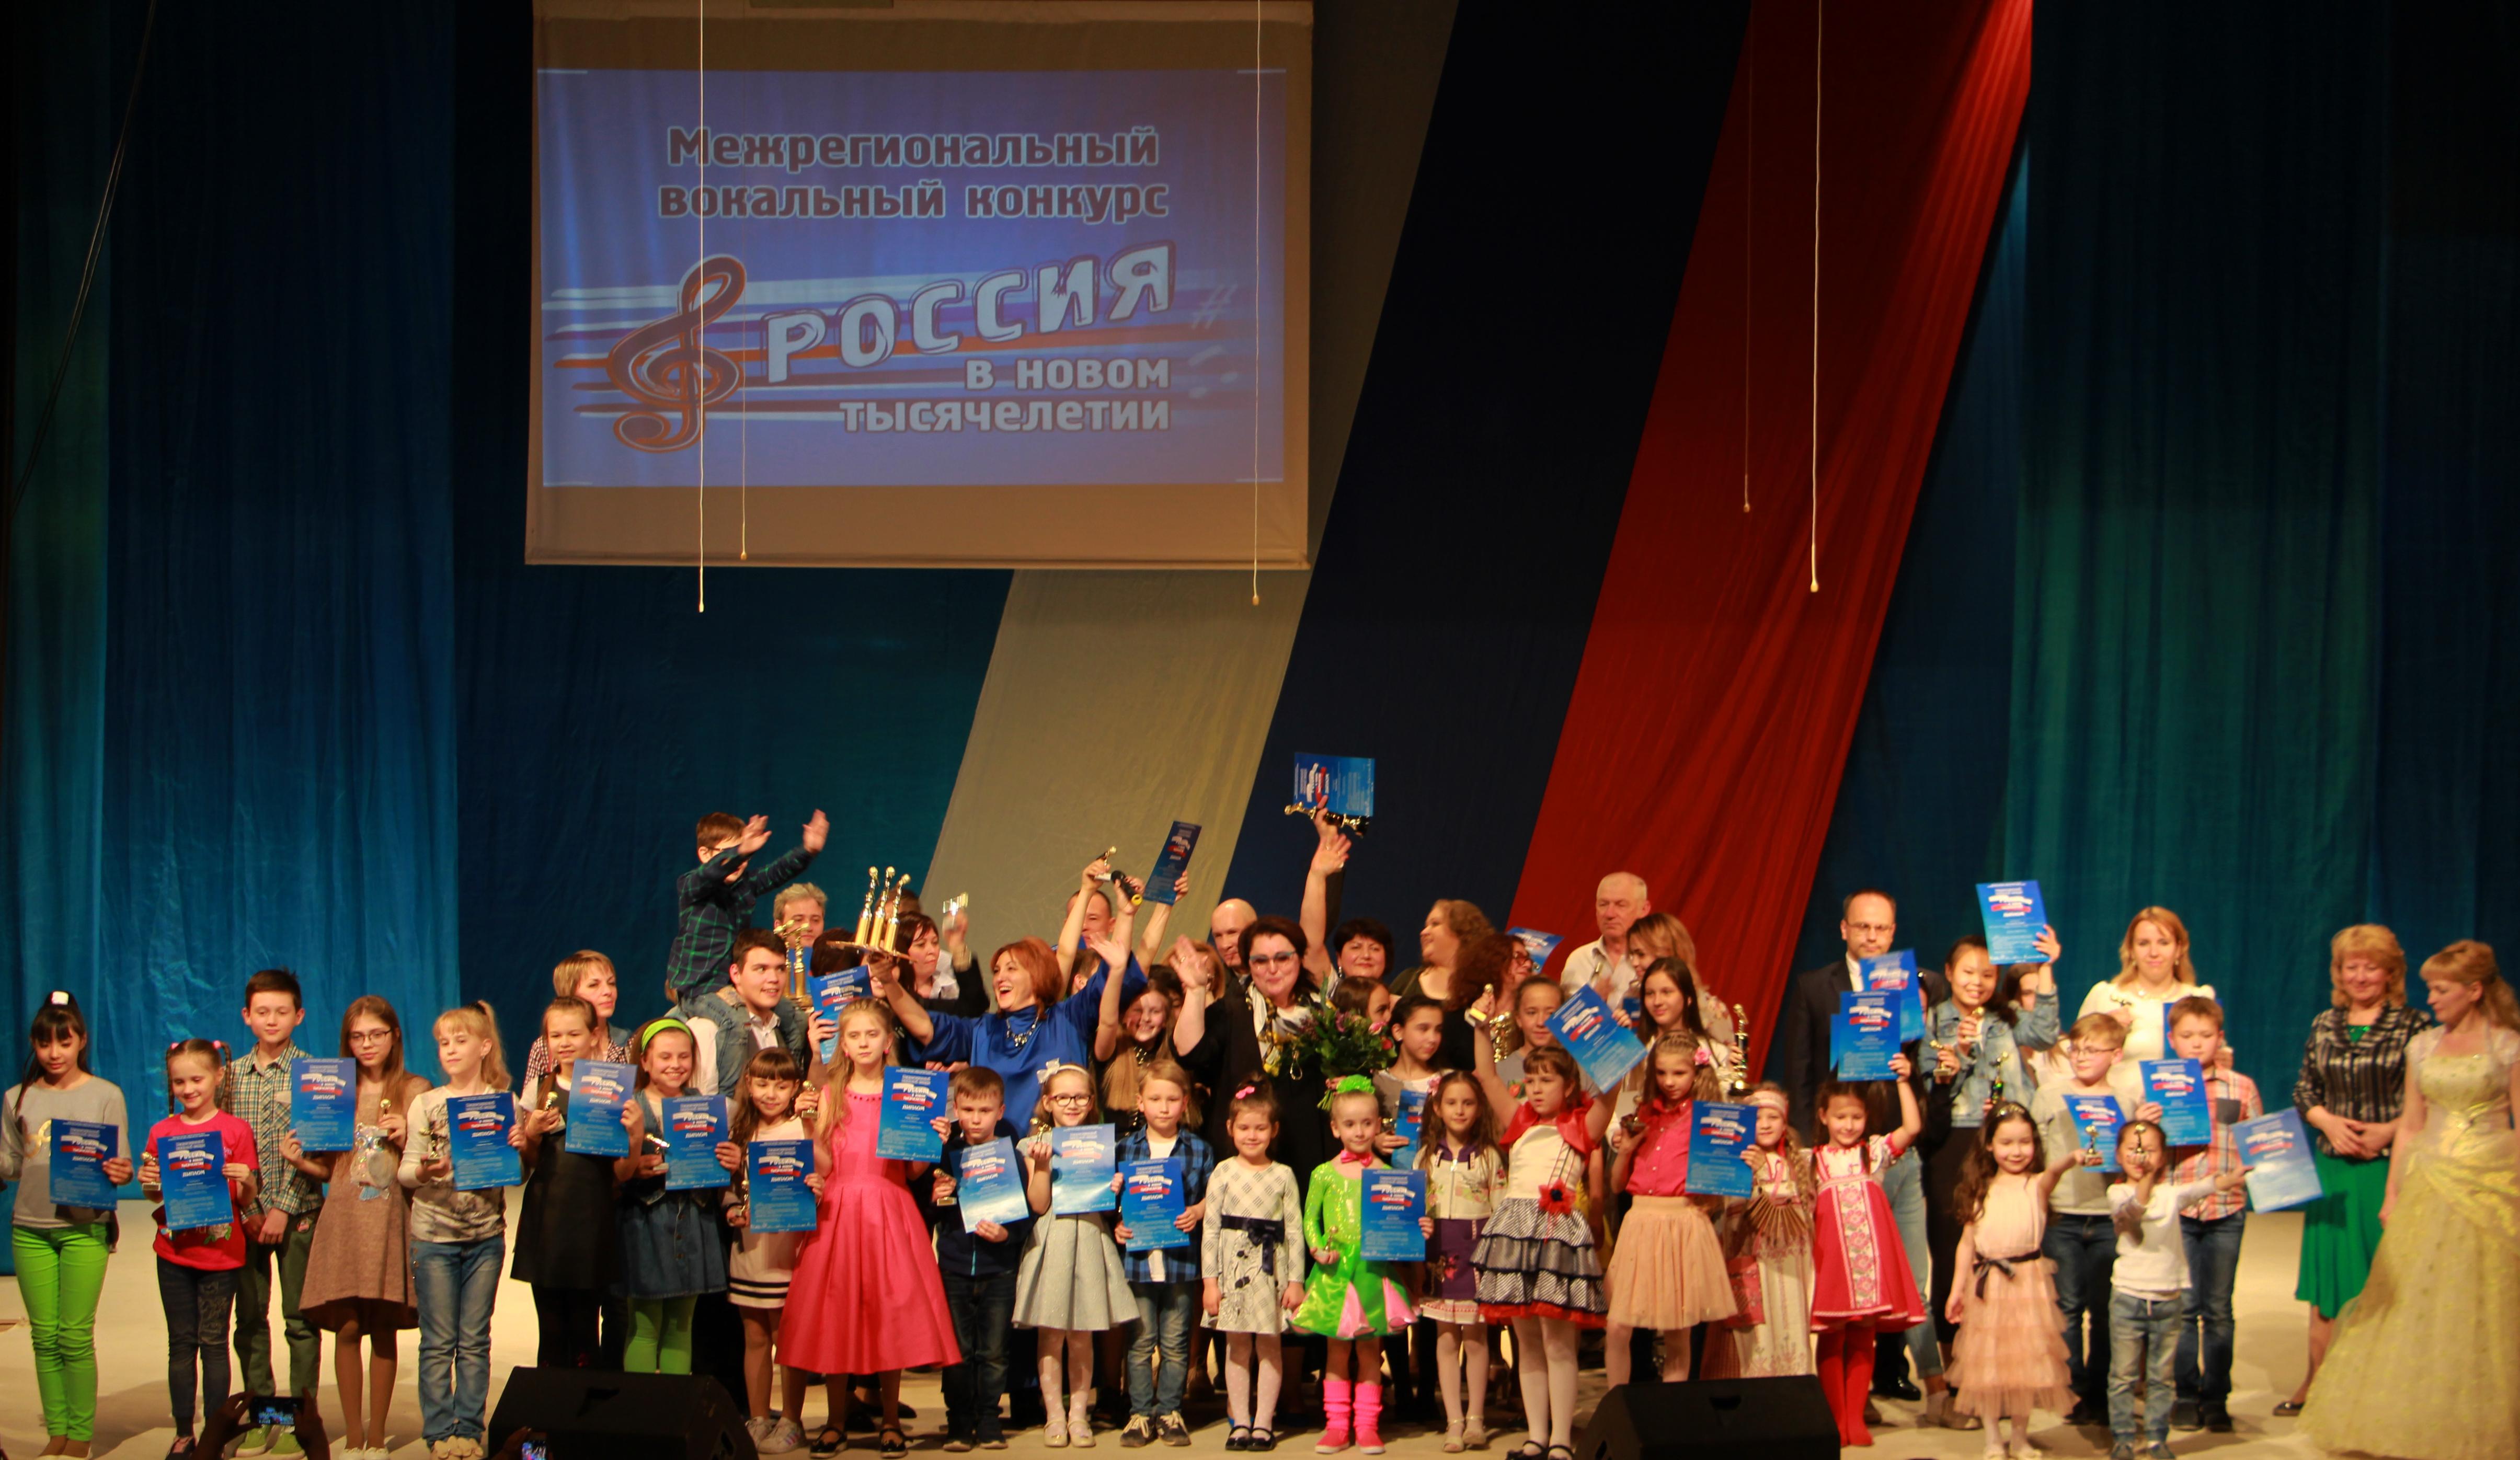 Подведены итоги межрегионального конкурса «Россия в новом тысячелетии»